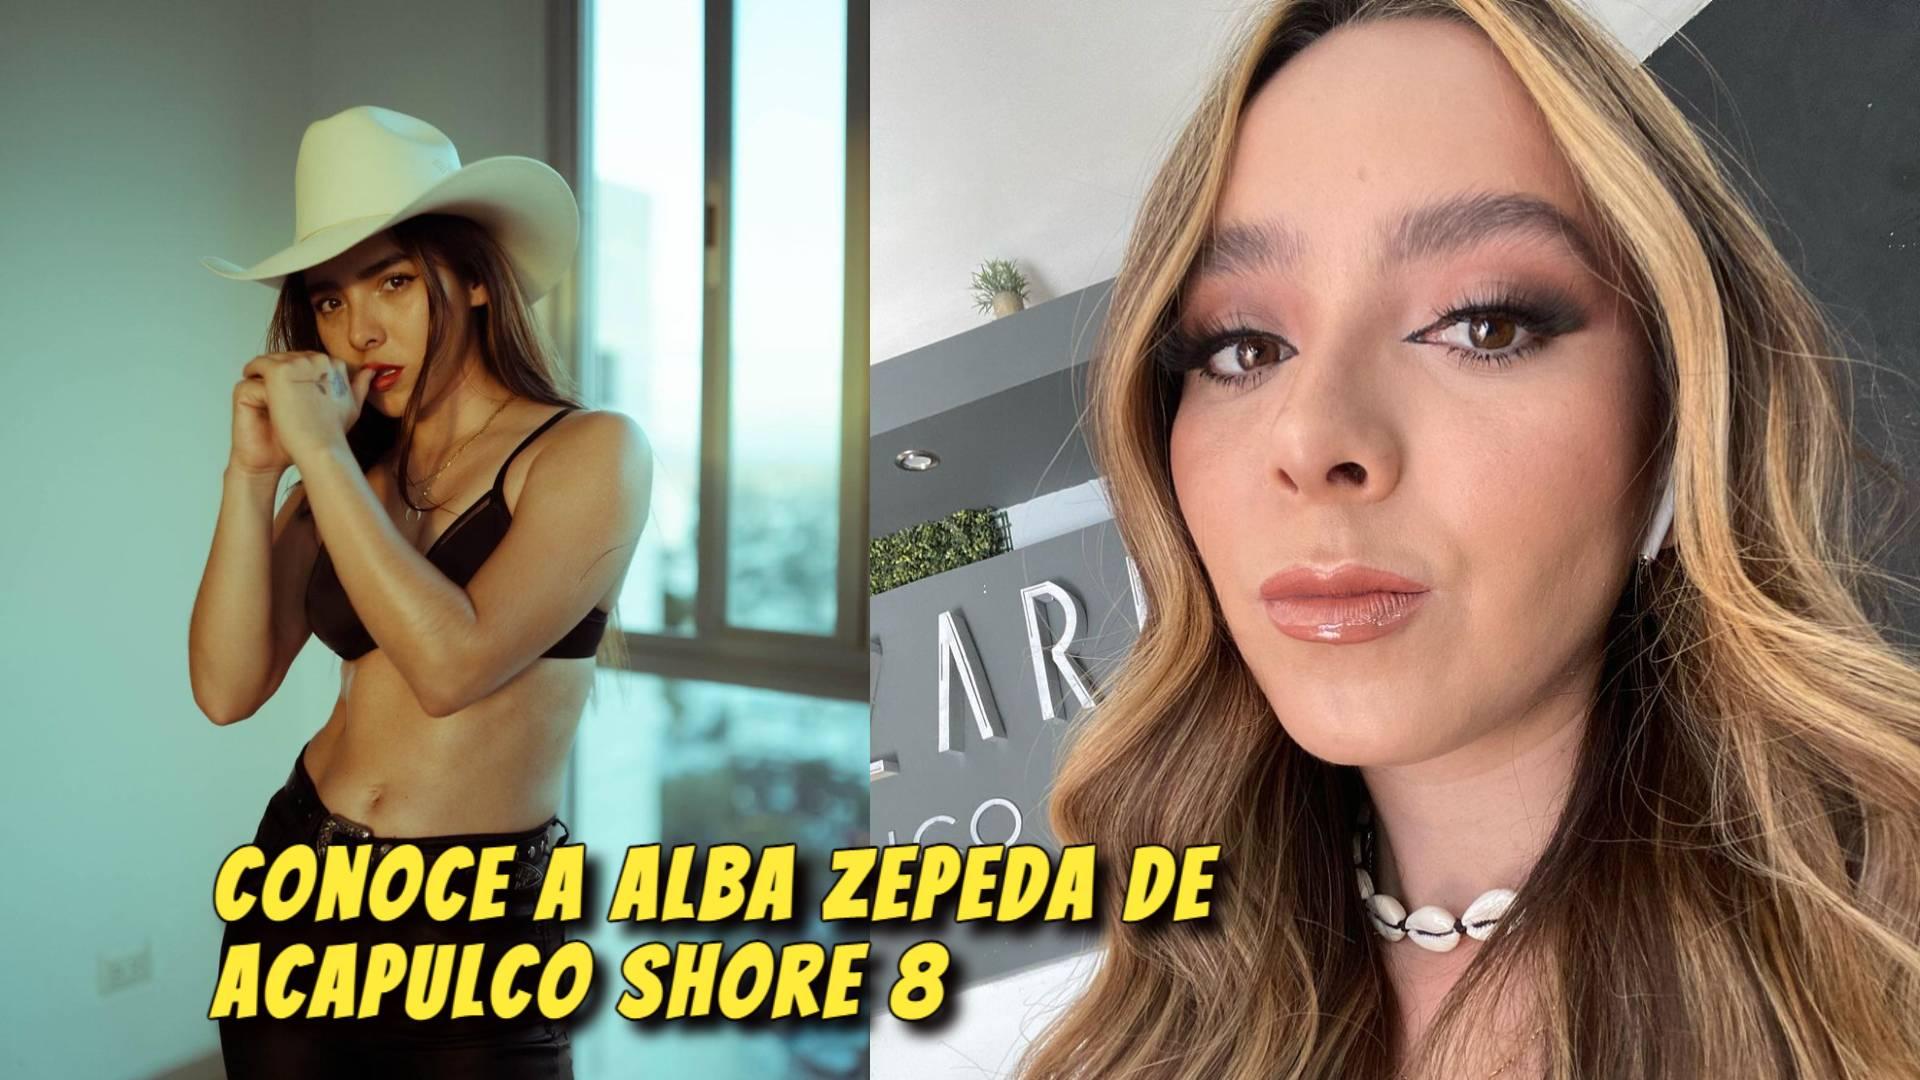 Alba Zepeda de Acapulco Shore 8